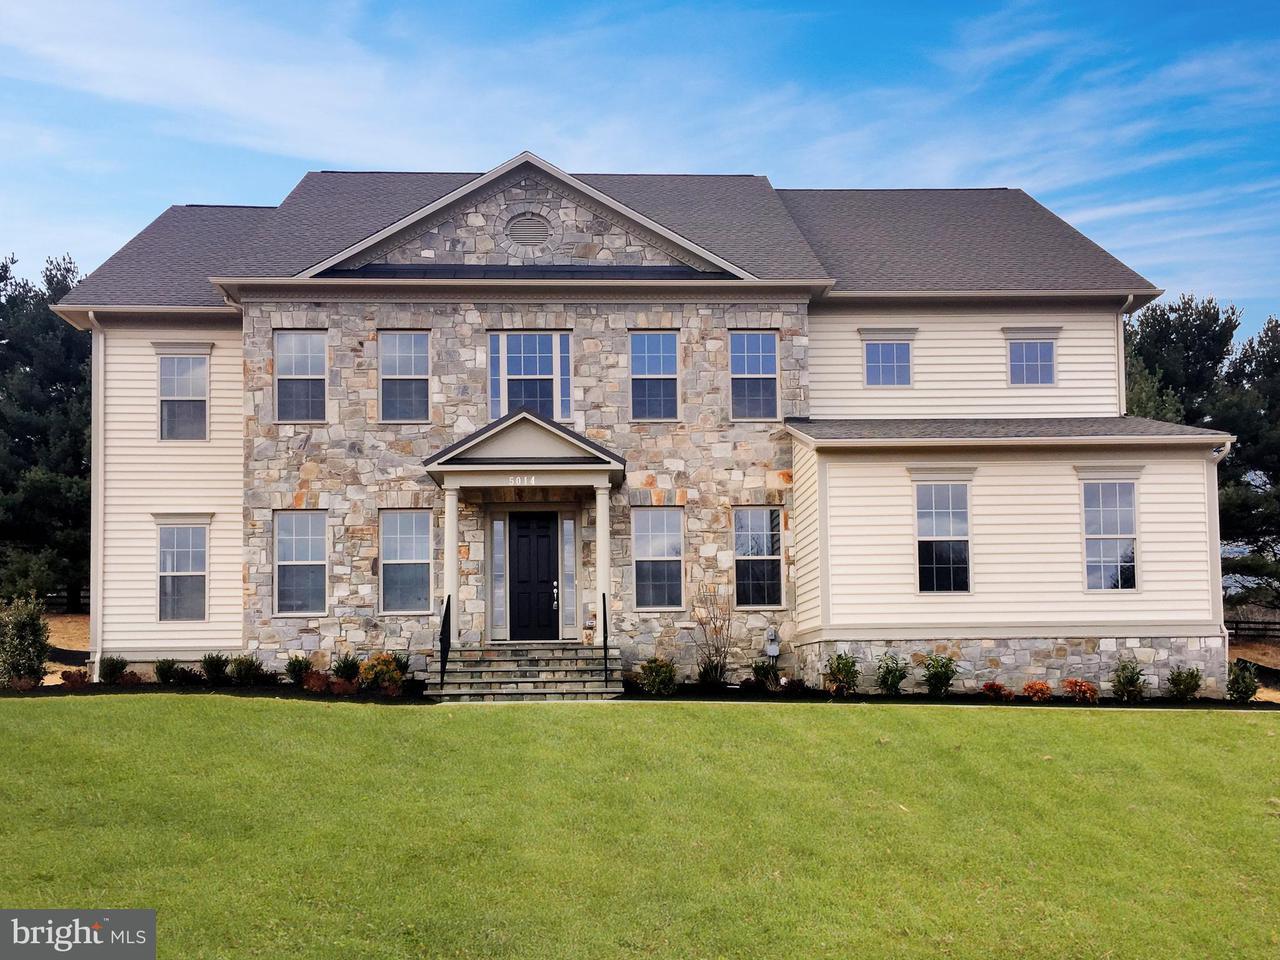 Maison unifamiliale pour l Vente à 5014 GAITHERS CHANCE Drive 5014 GAITHERS CHANCE Drive Clarksville, Maryland 21029 États-Unis